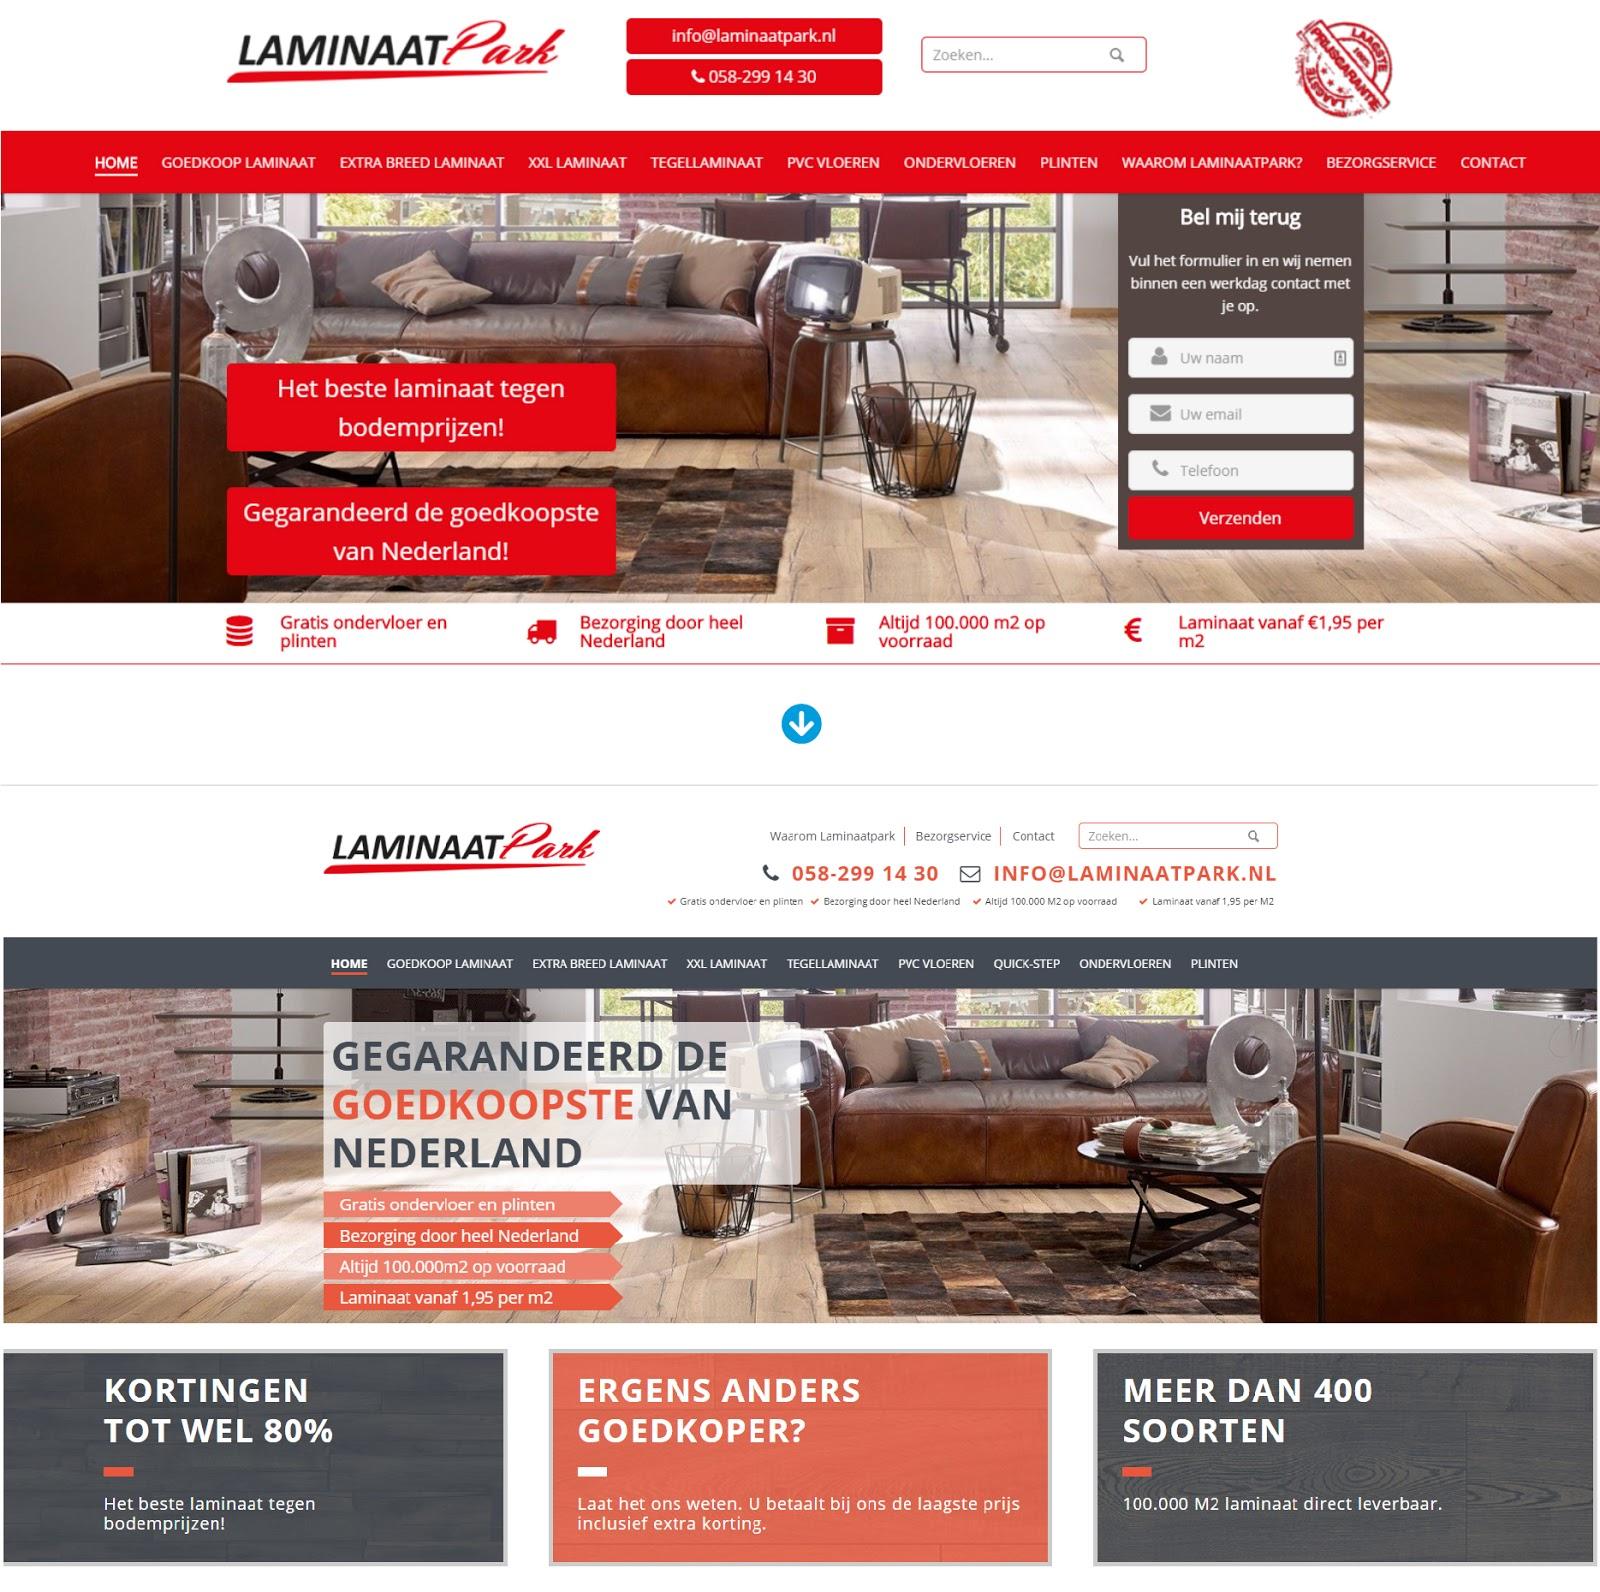 laminaatpark - oud vs nieuw ontwerp